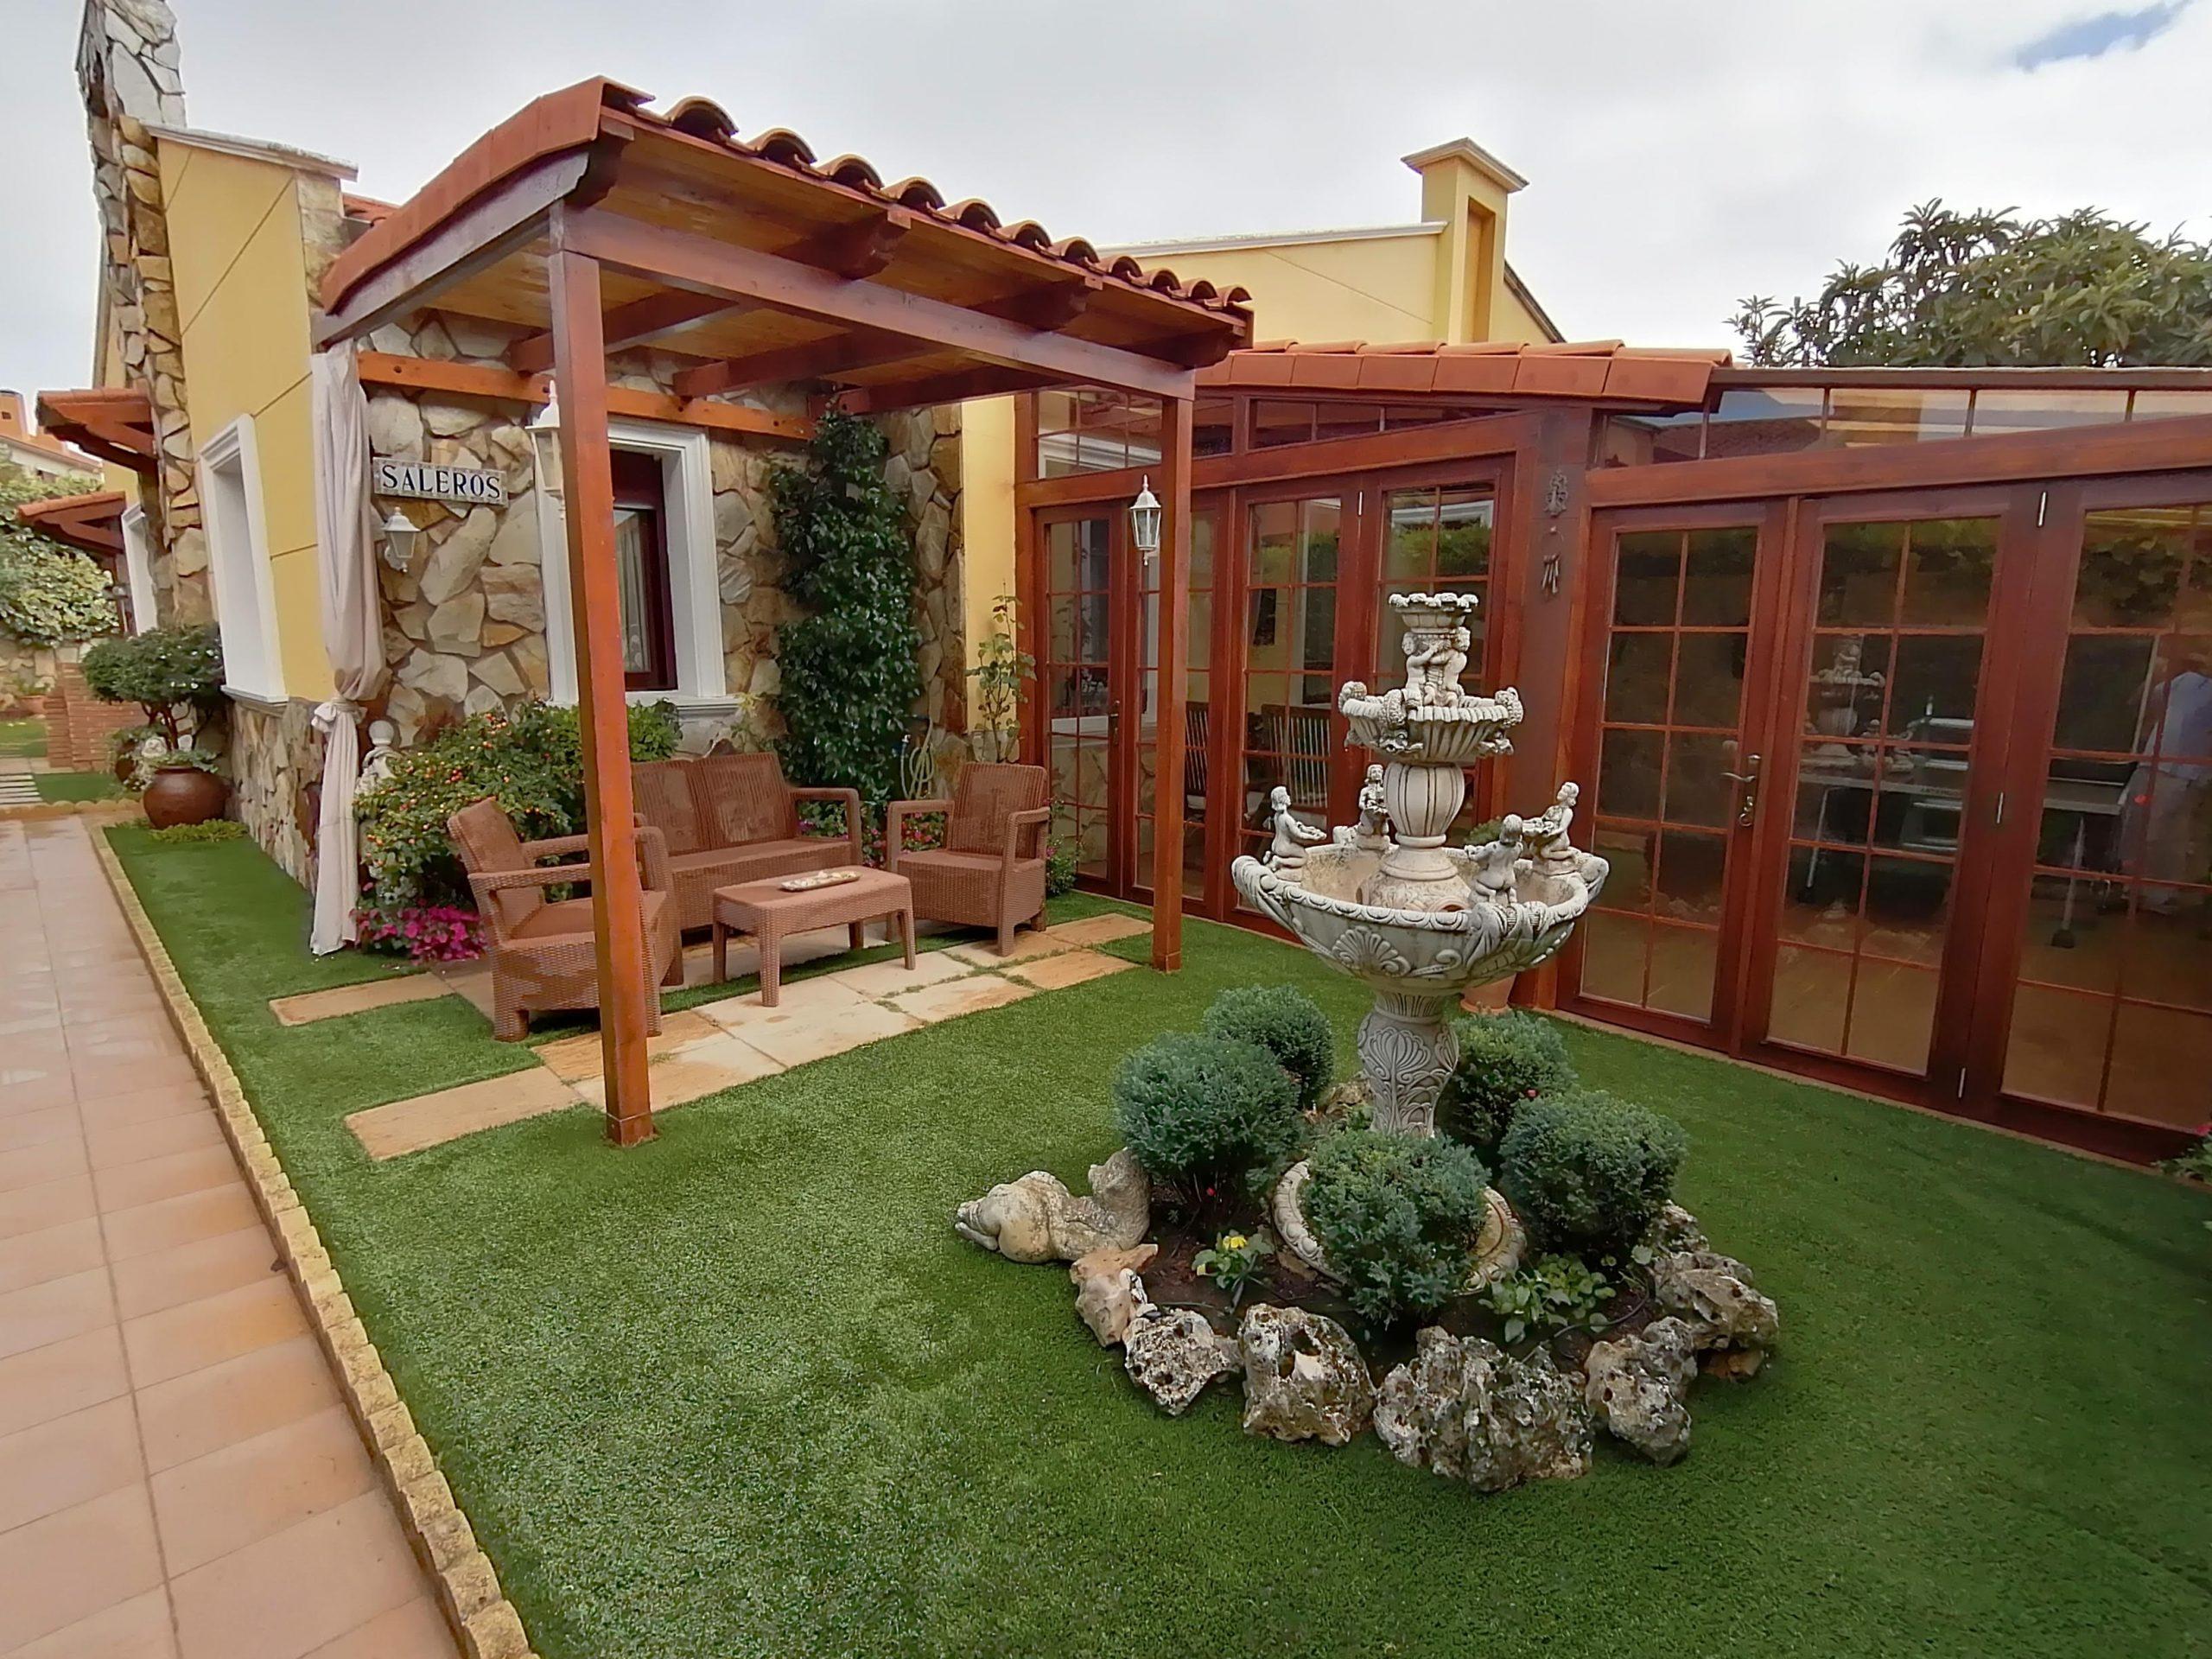 El jardin con fontana y mueble de jardín. Casa Saleros en Navarette, La Rioja